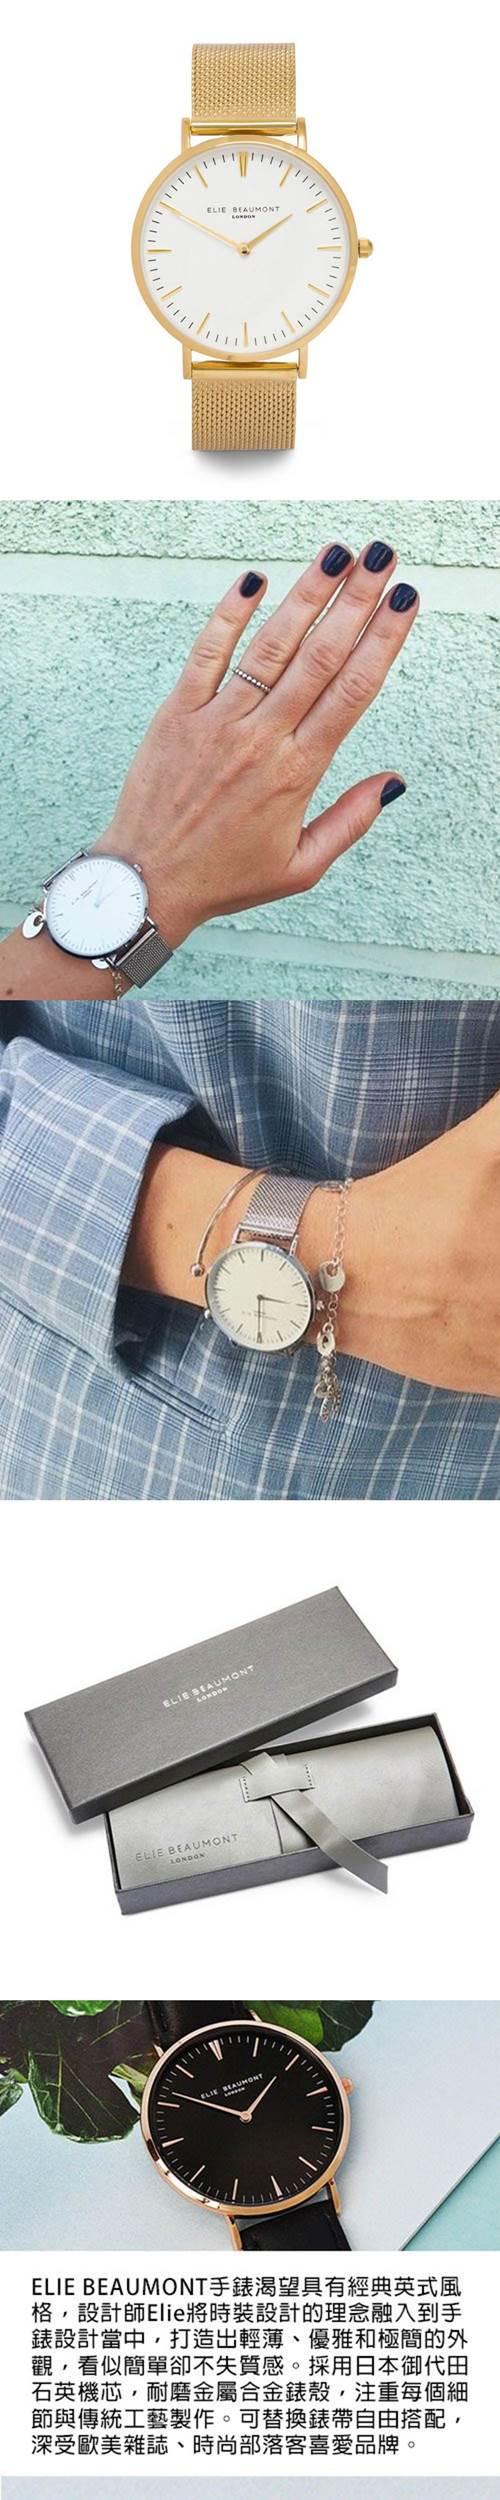 (複製)Elie Beaumont 英國時尚手錶 牛津米蘭錶帶系列 金屬咖啡色38mm